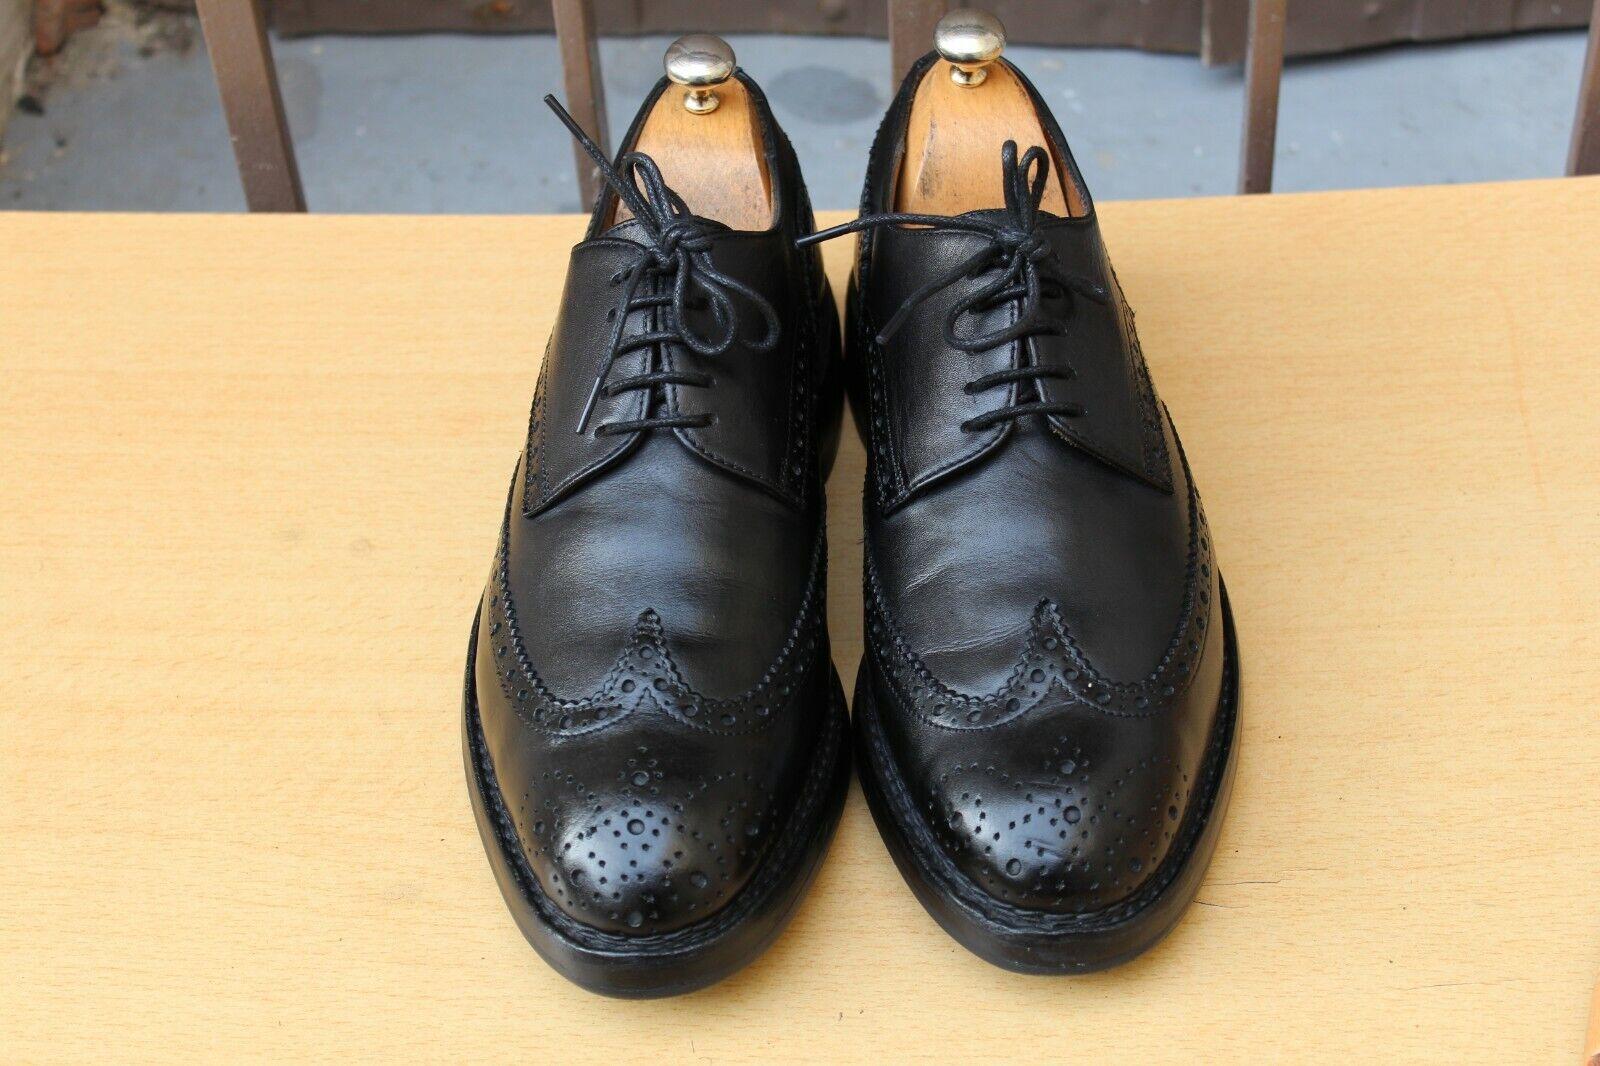 CHAUSSURE BOWEN CUIR RICHELI  42 EXCELLENT ETAT hombres zapatos